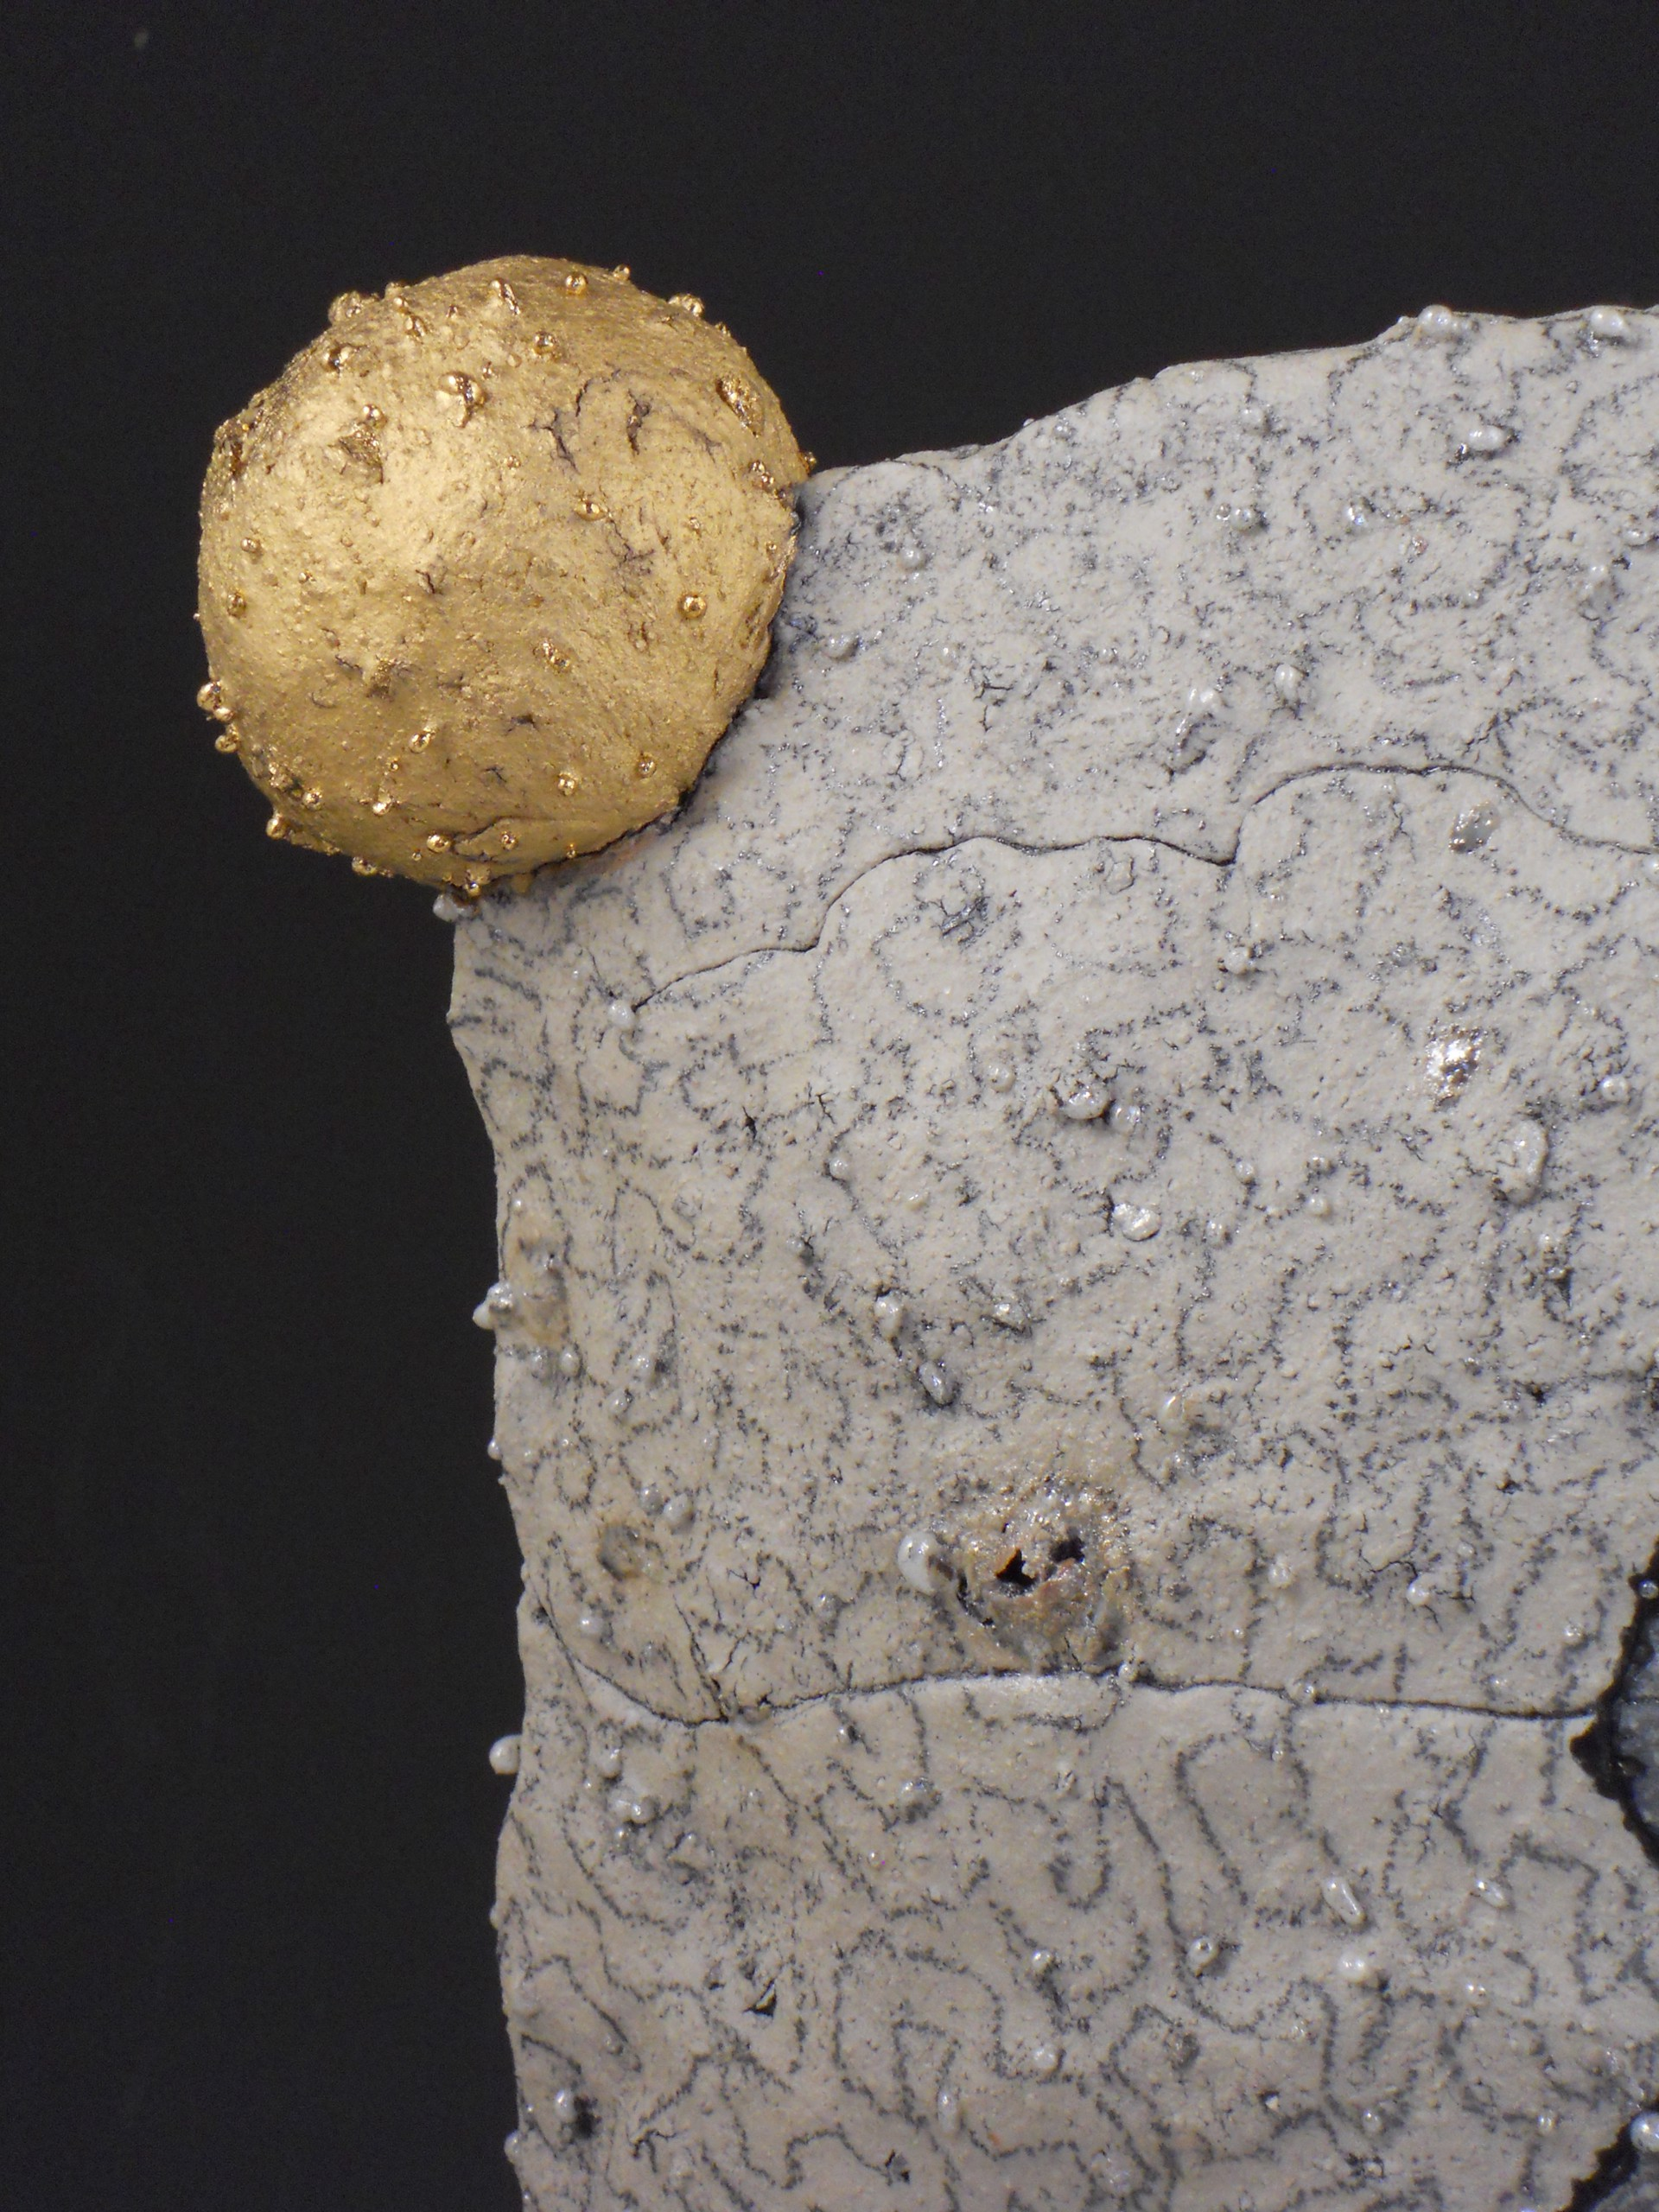 Girl with gold ball by Rimas VisGirda